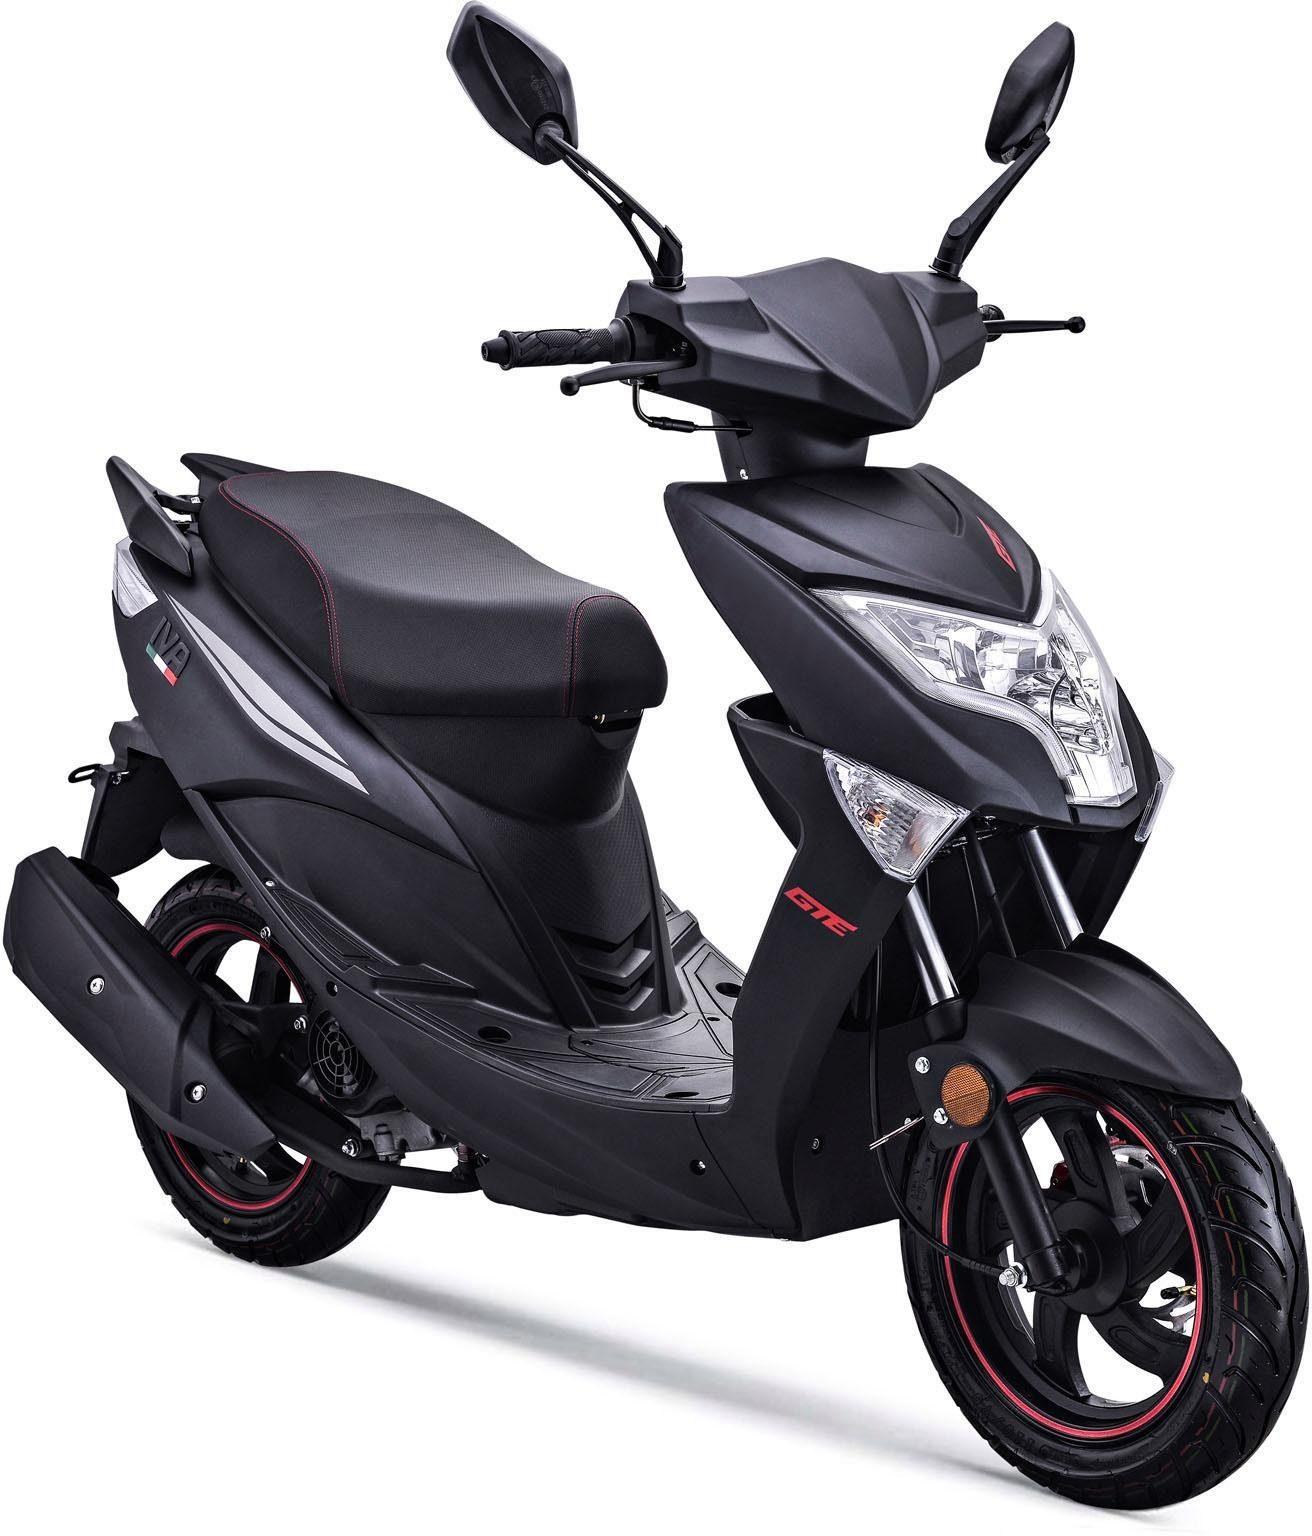 IVA Motorroller »GTE«, 50 ccm, 45 km/h, Euro 4